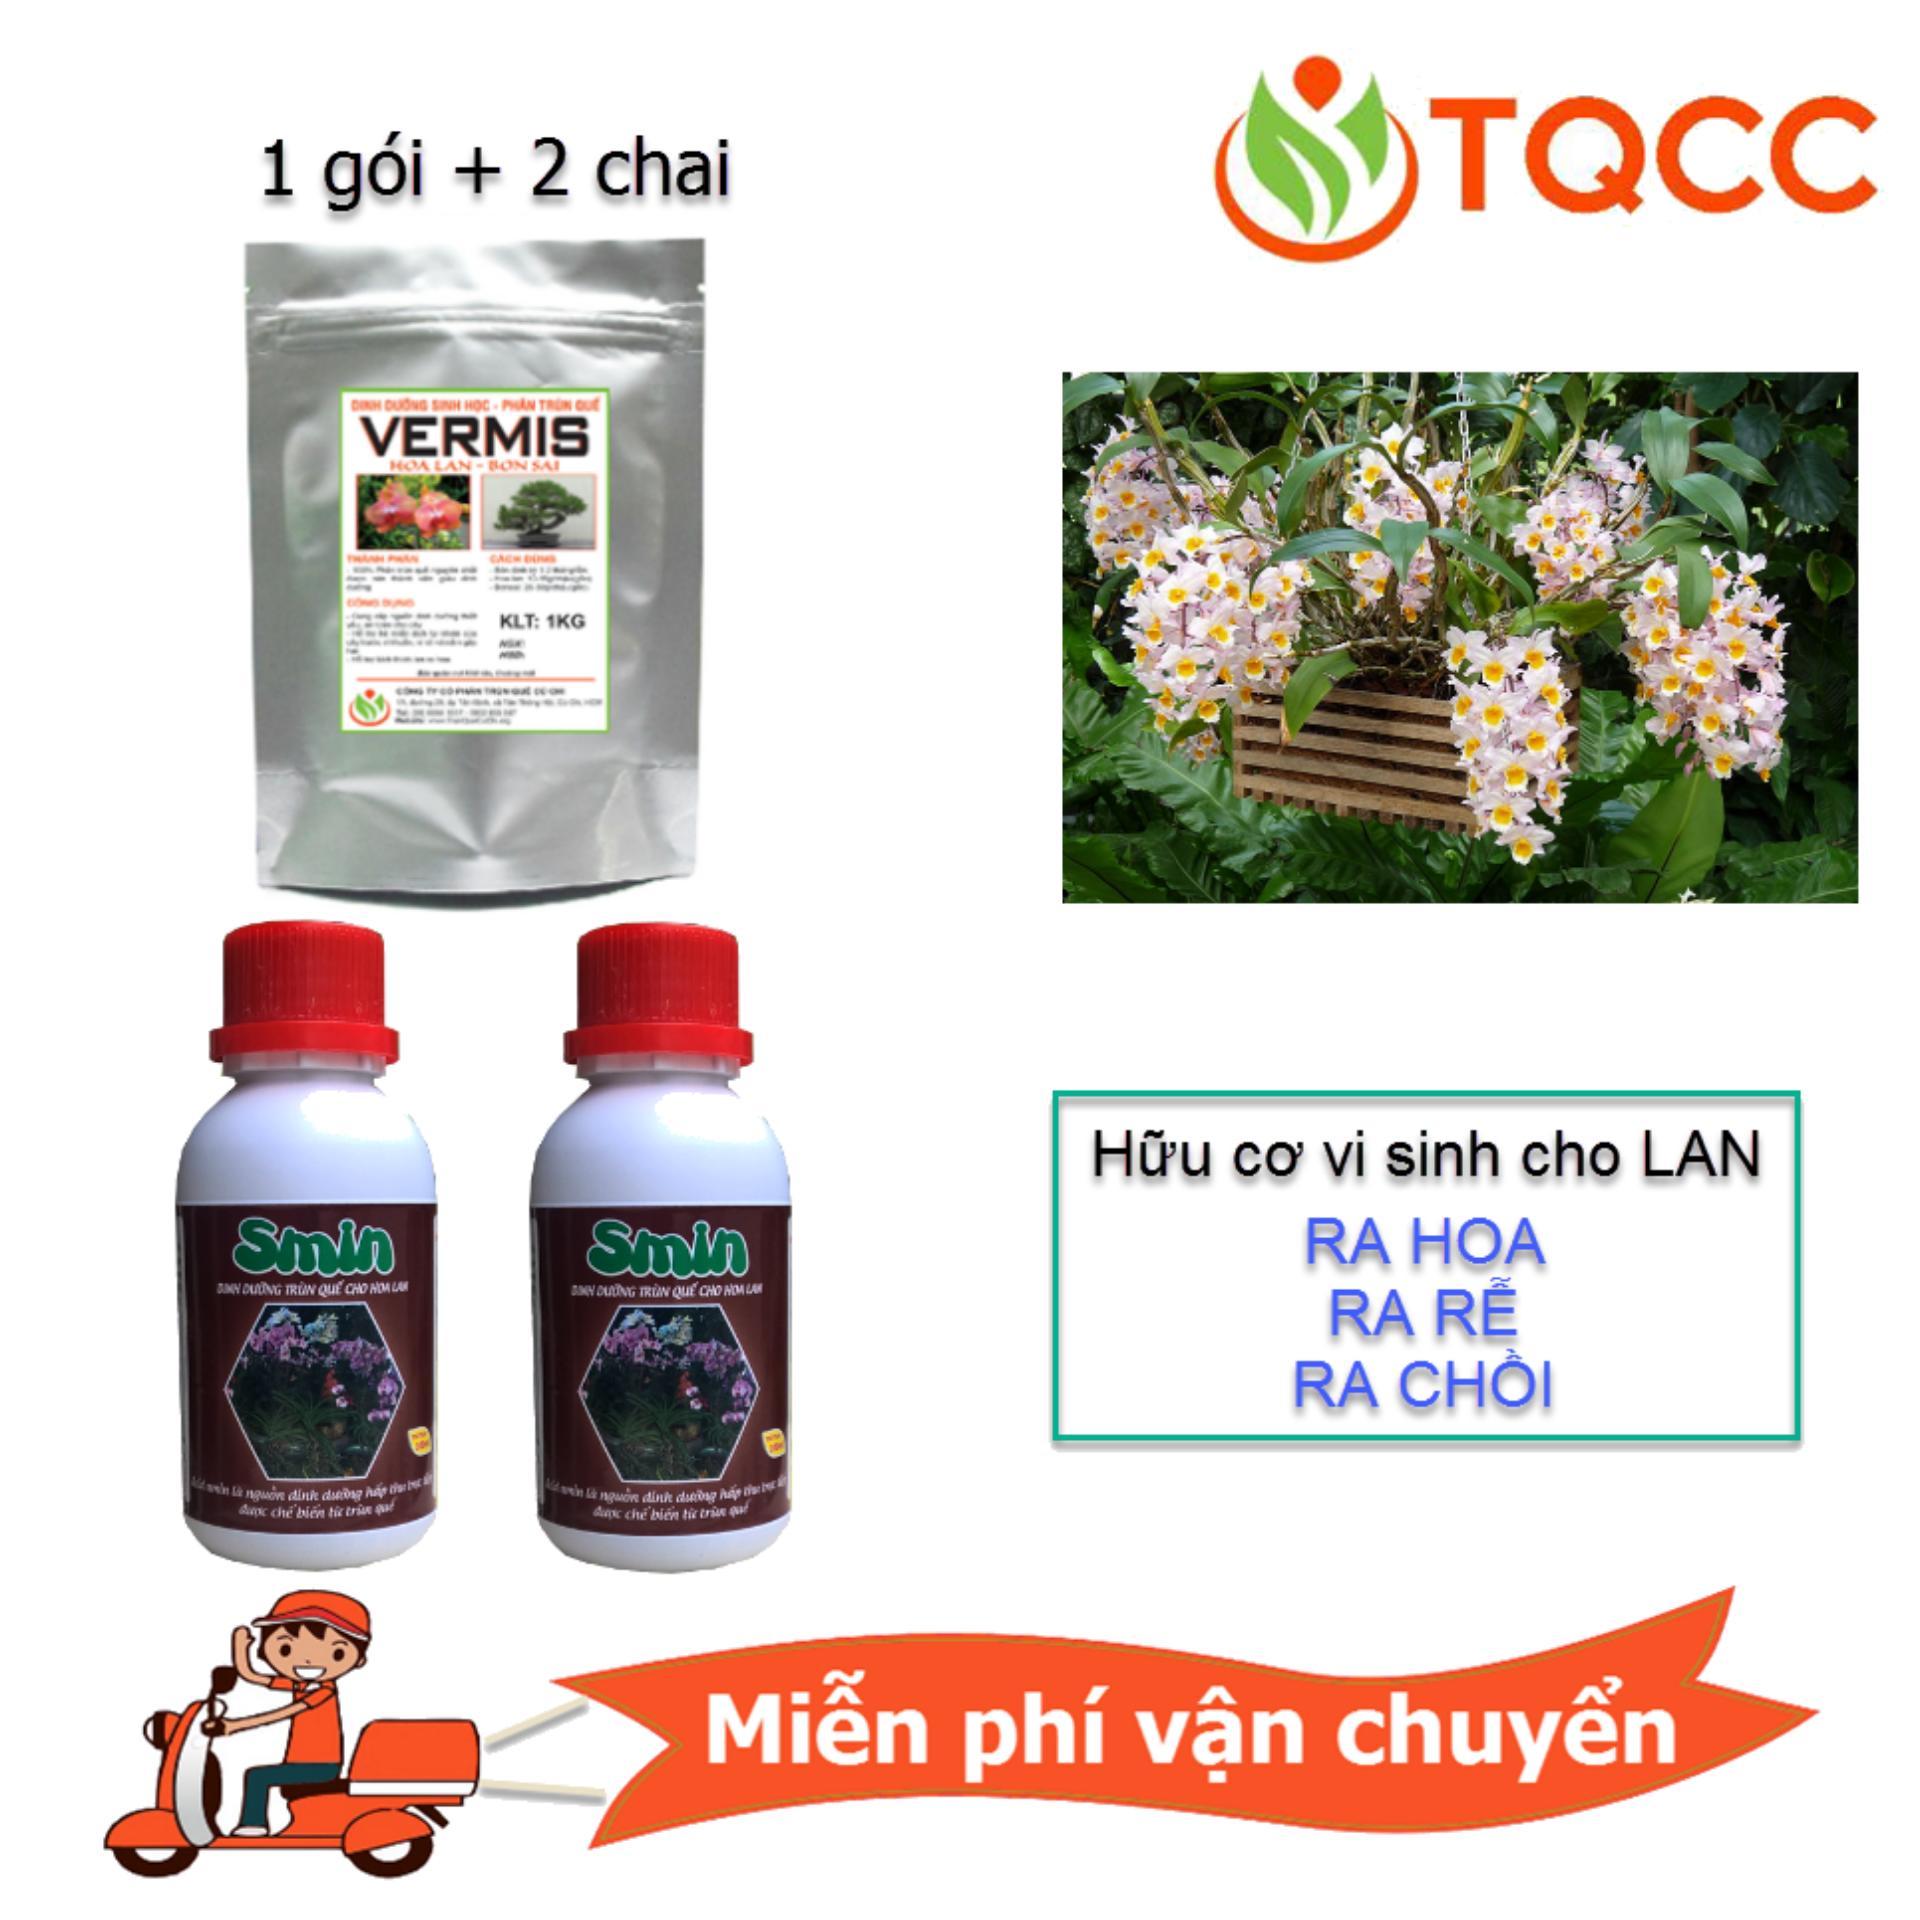 Bộ sản phẩm chăm sóc cho hoa lan (2 Smin 100ml + 1 Vermis 1kg)